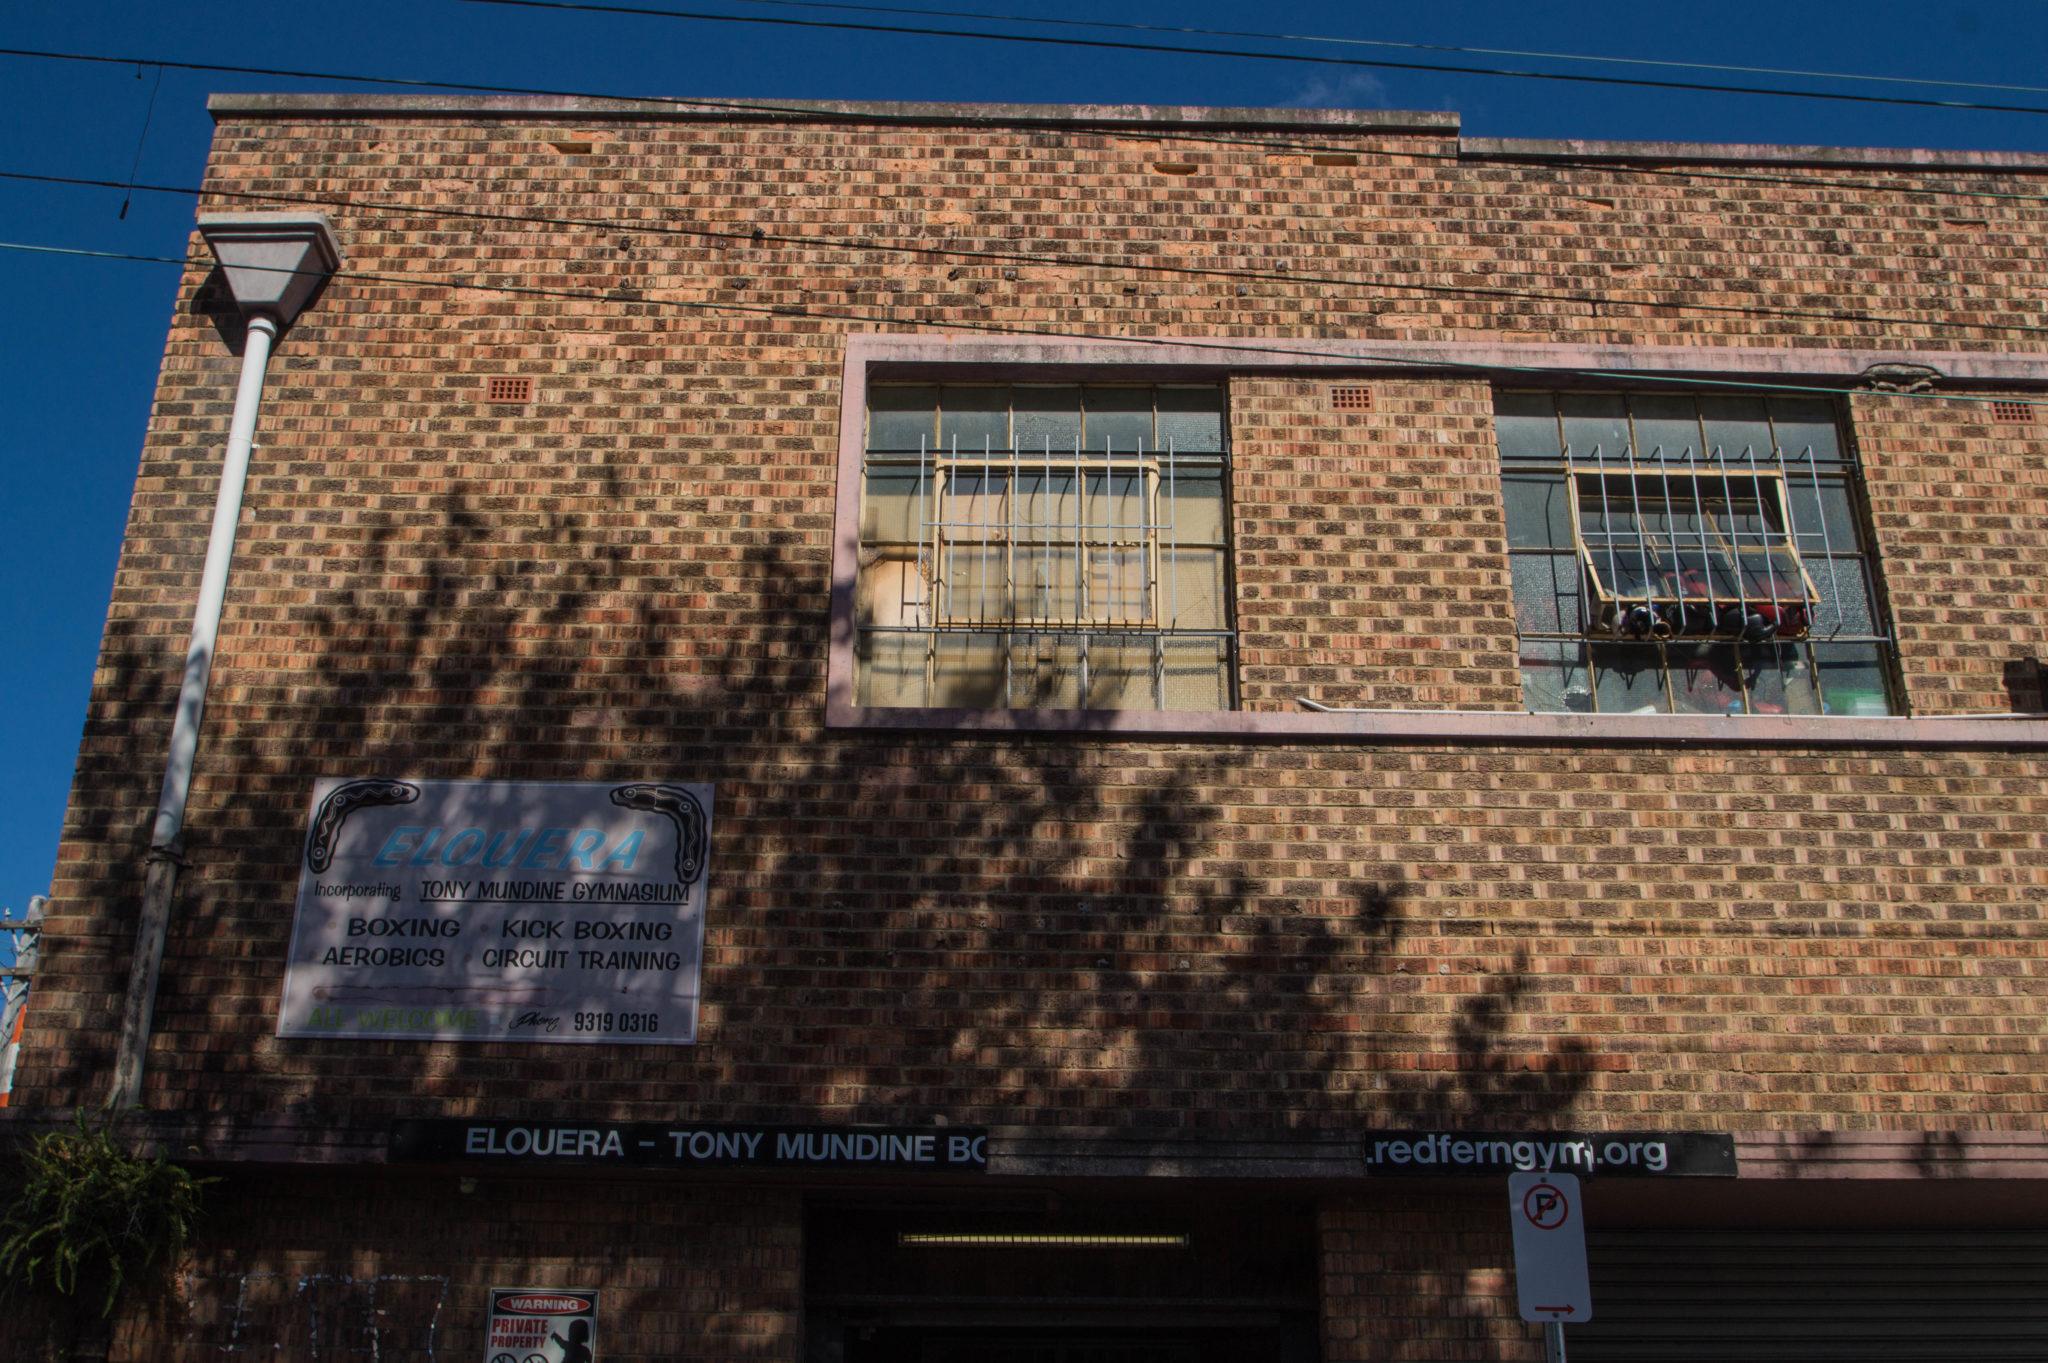 Redfern Sydney: Tony Mundine's Boxing School